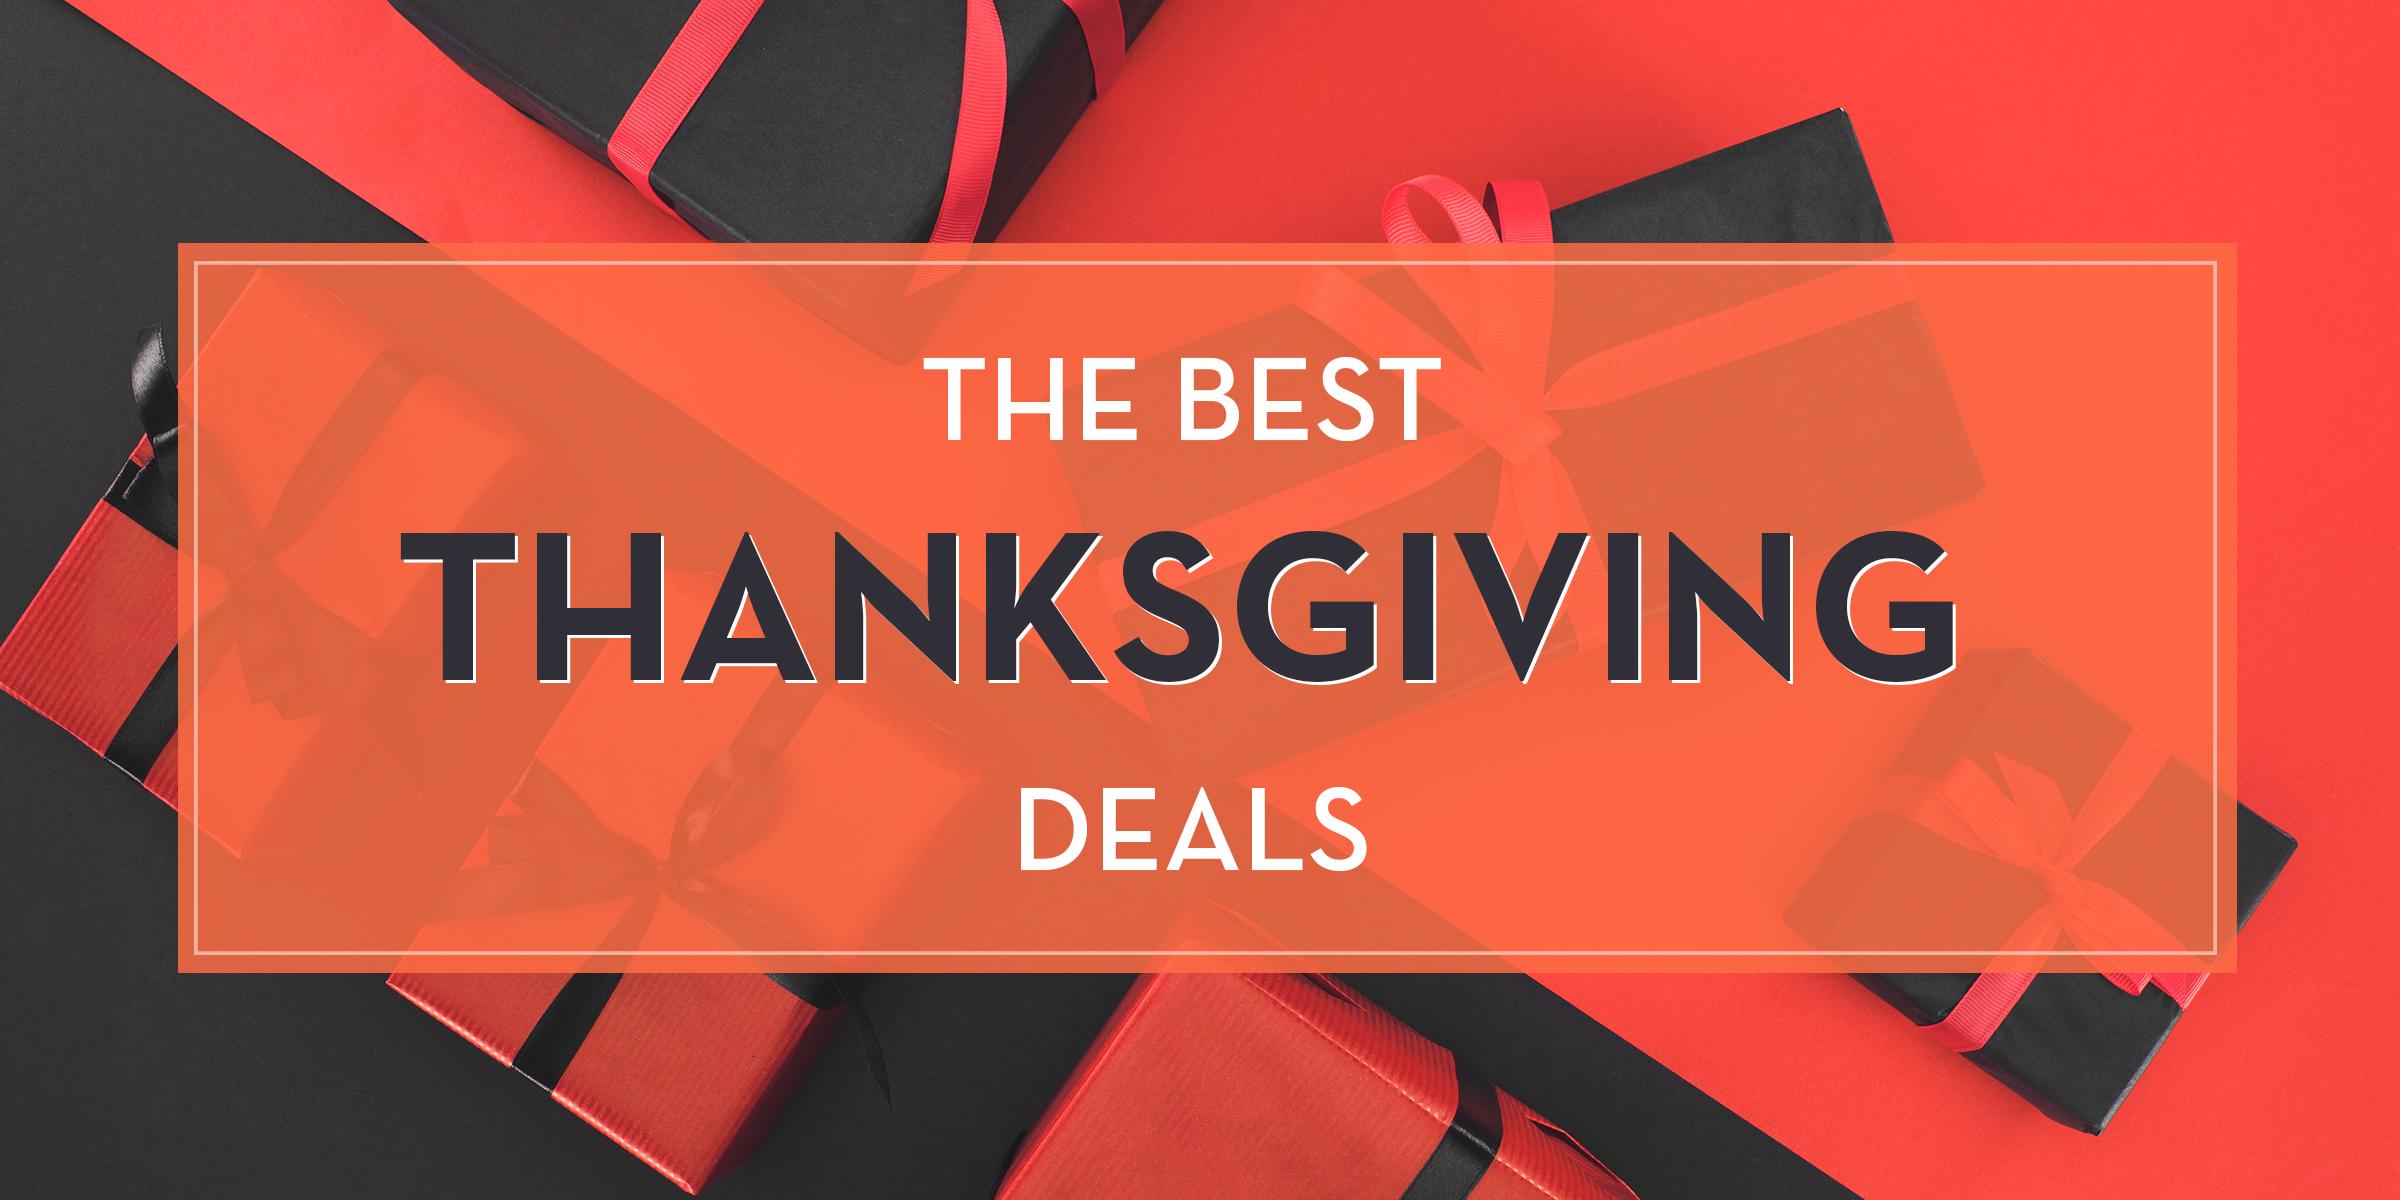 The Best Thanksgiving Deals 2018